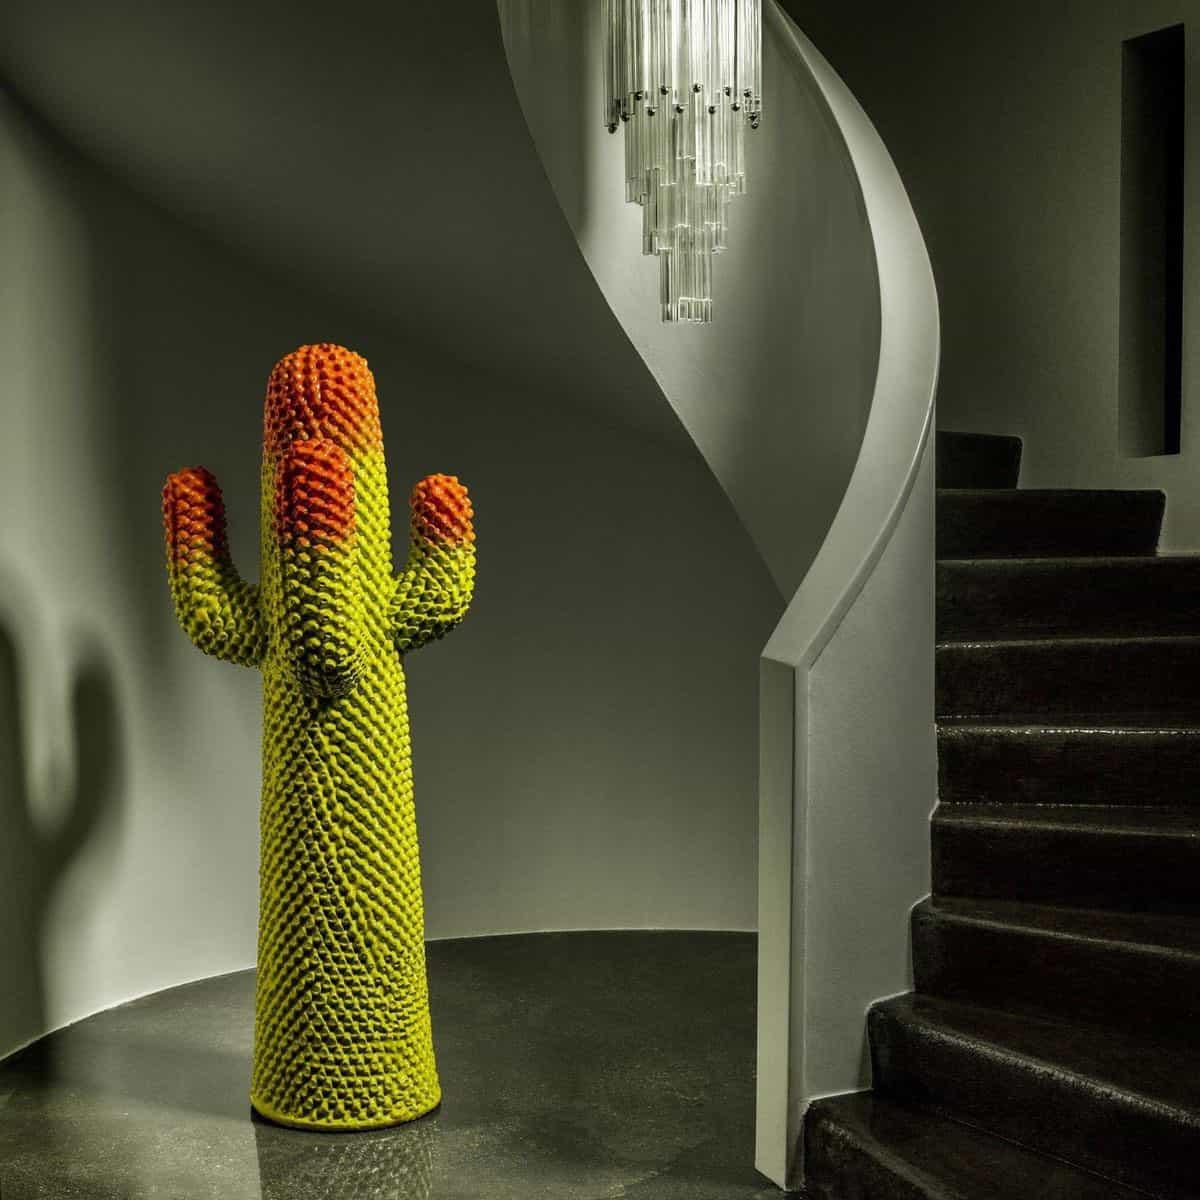 le cactus un objet d co piquant et surr aliste dans notre int rieur. Black Bedroom Furniture Sets. Home Design Ideas